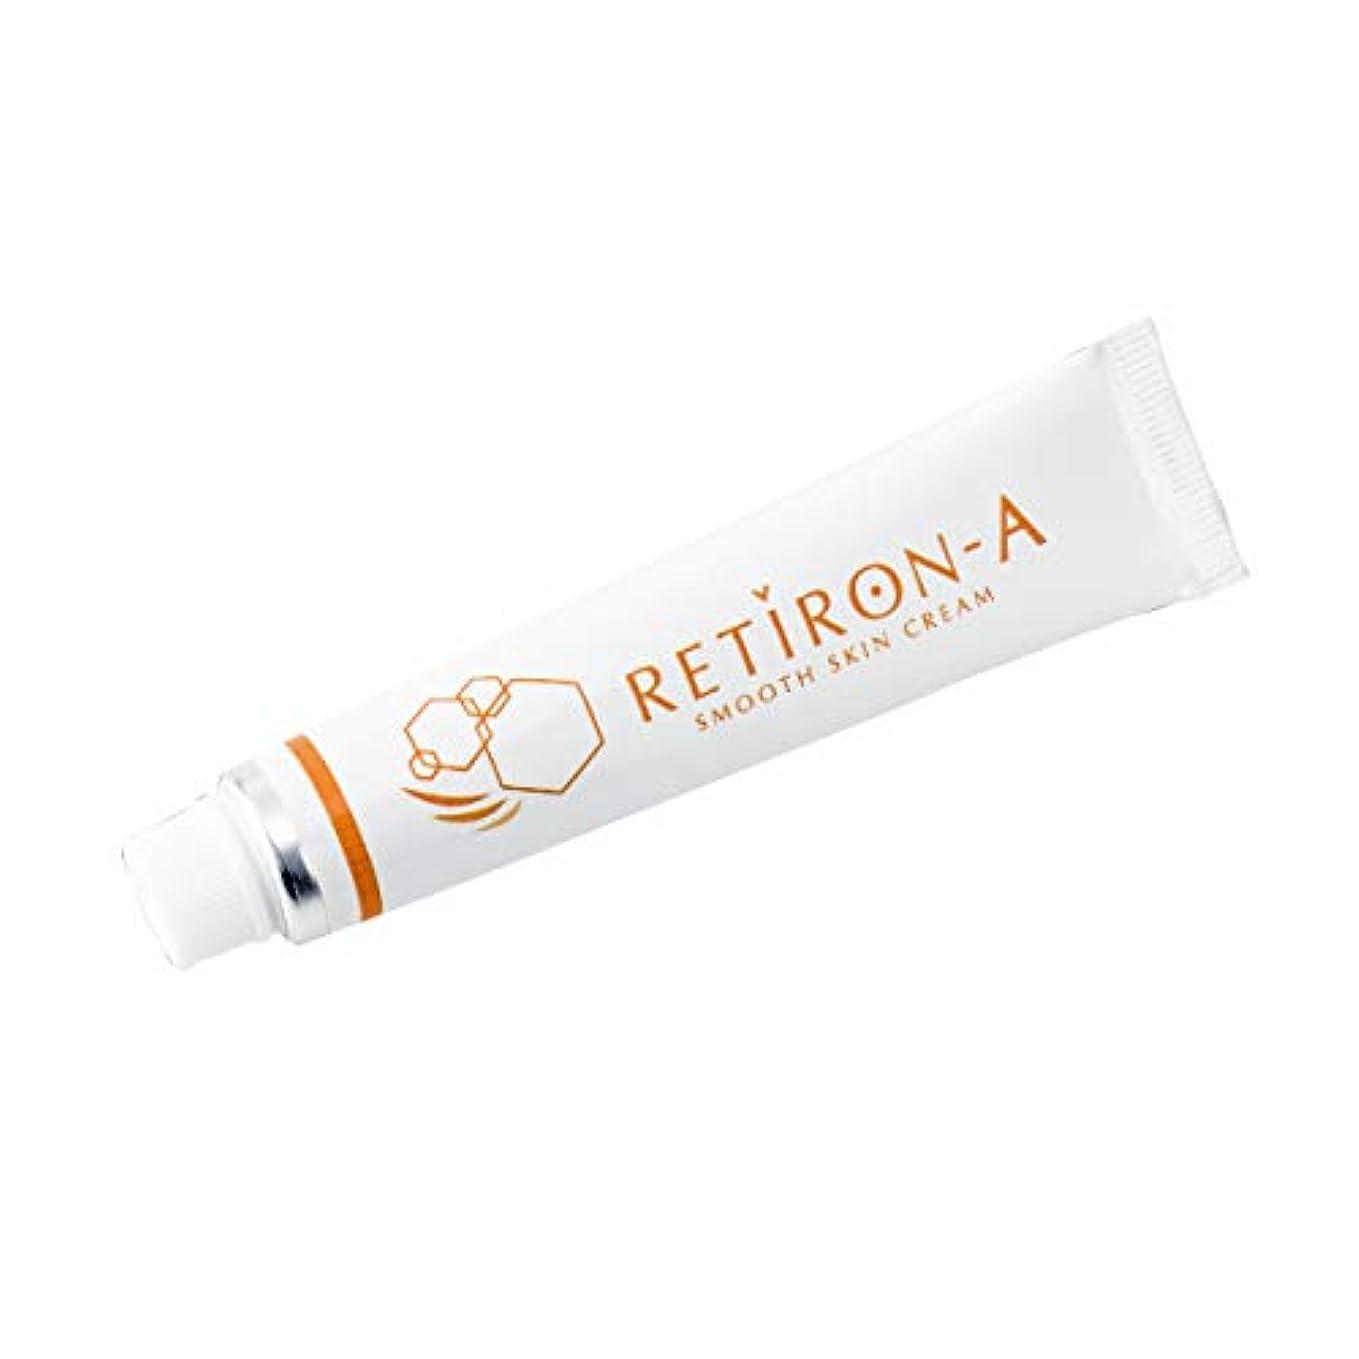 クリーム 化粧品 レチノール配合 レチロンA パラベンフリー